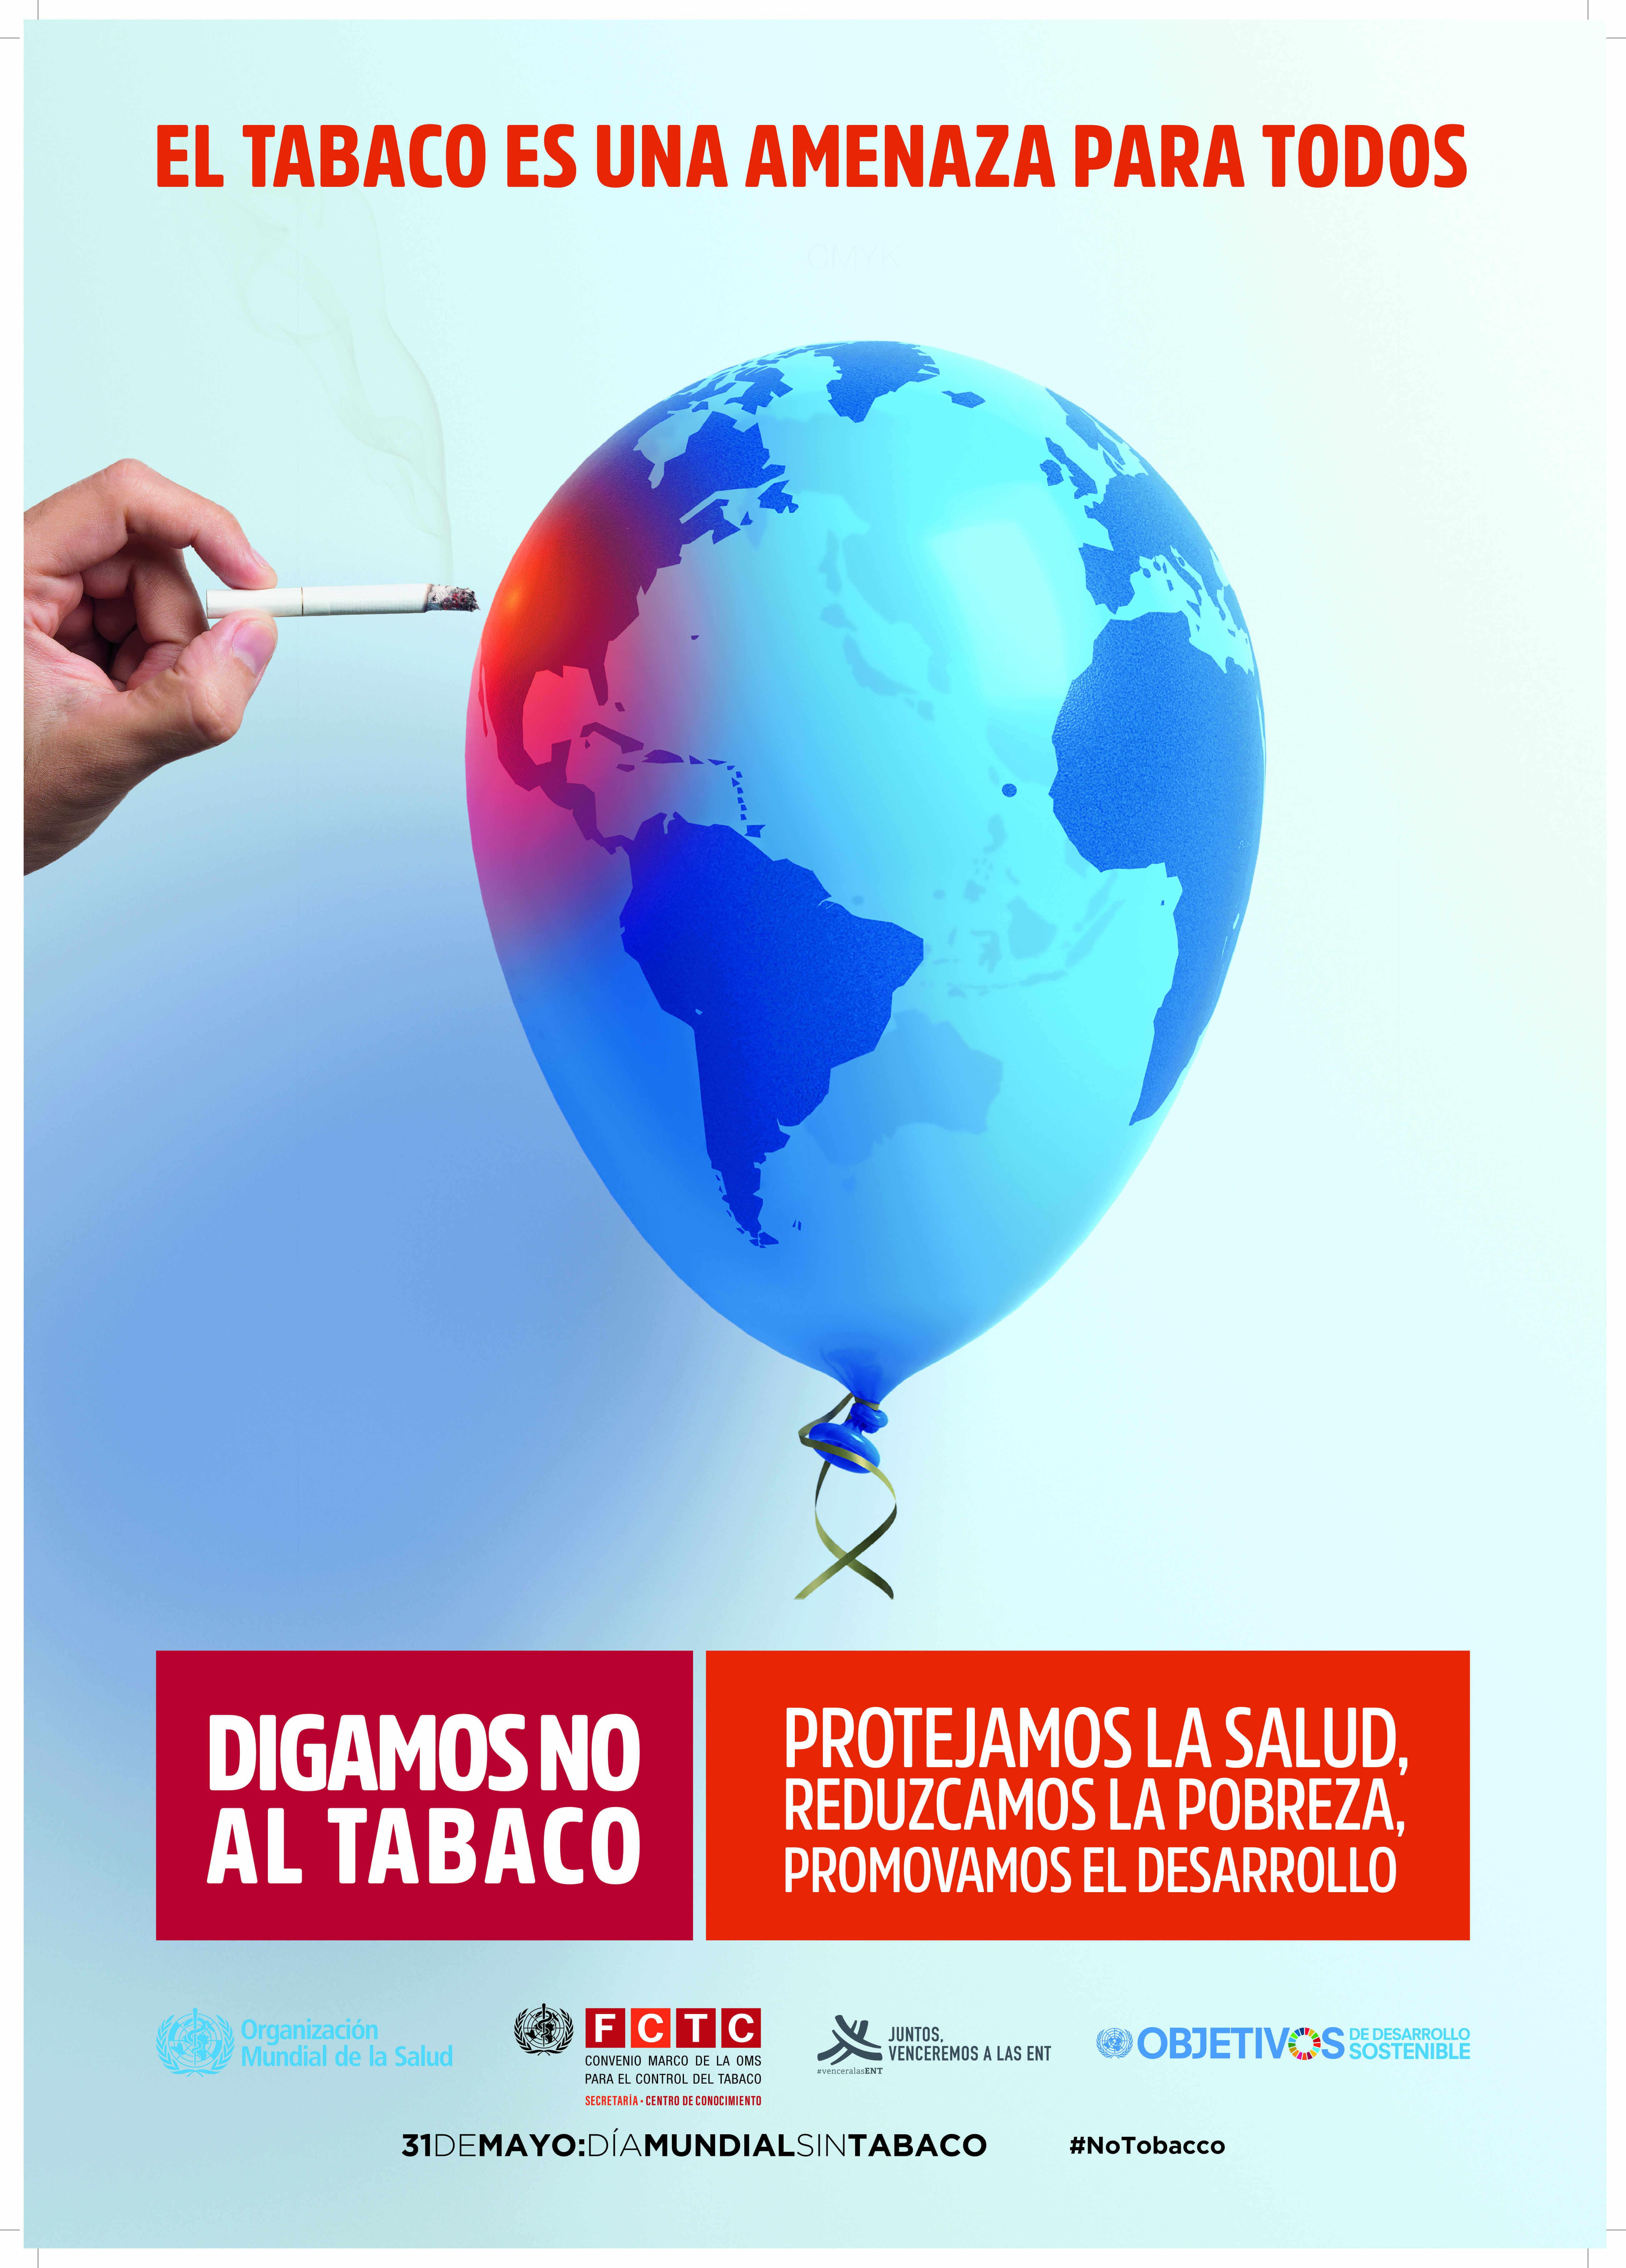 día mundial sin tabaco,